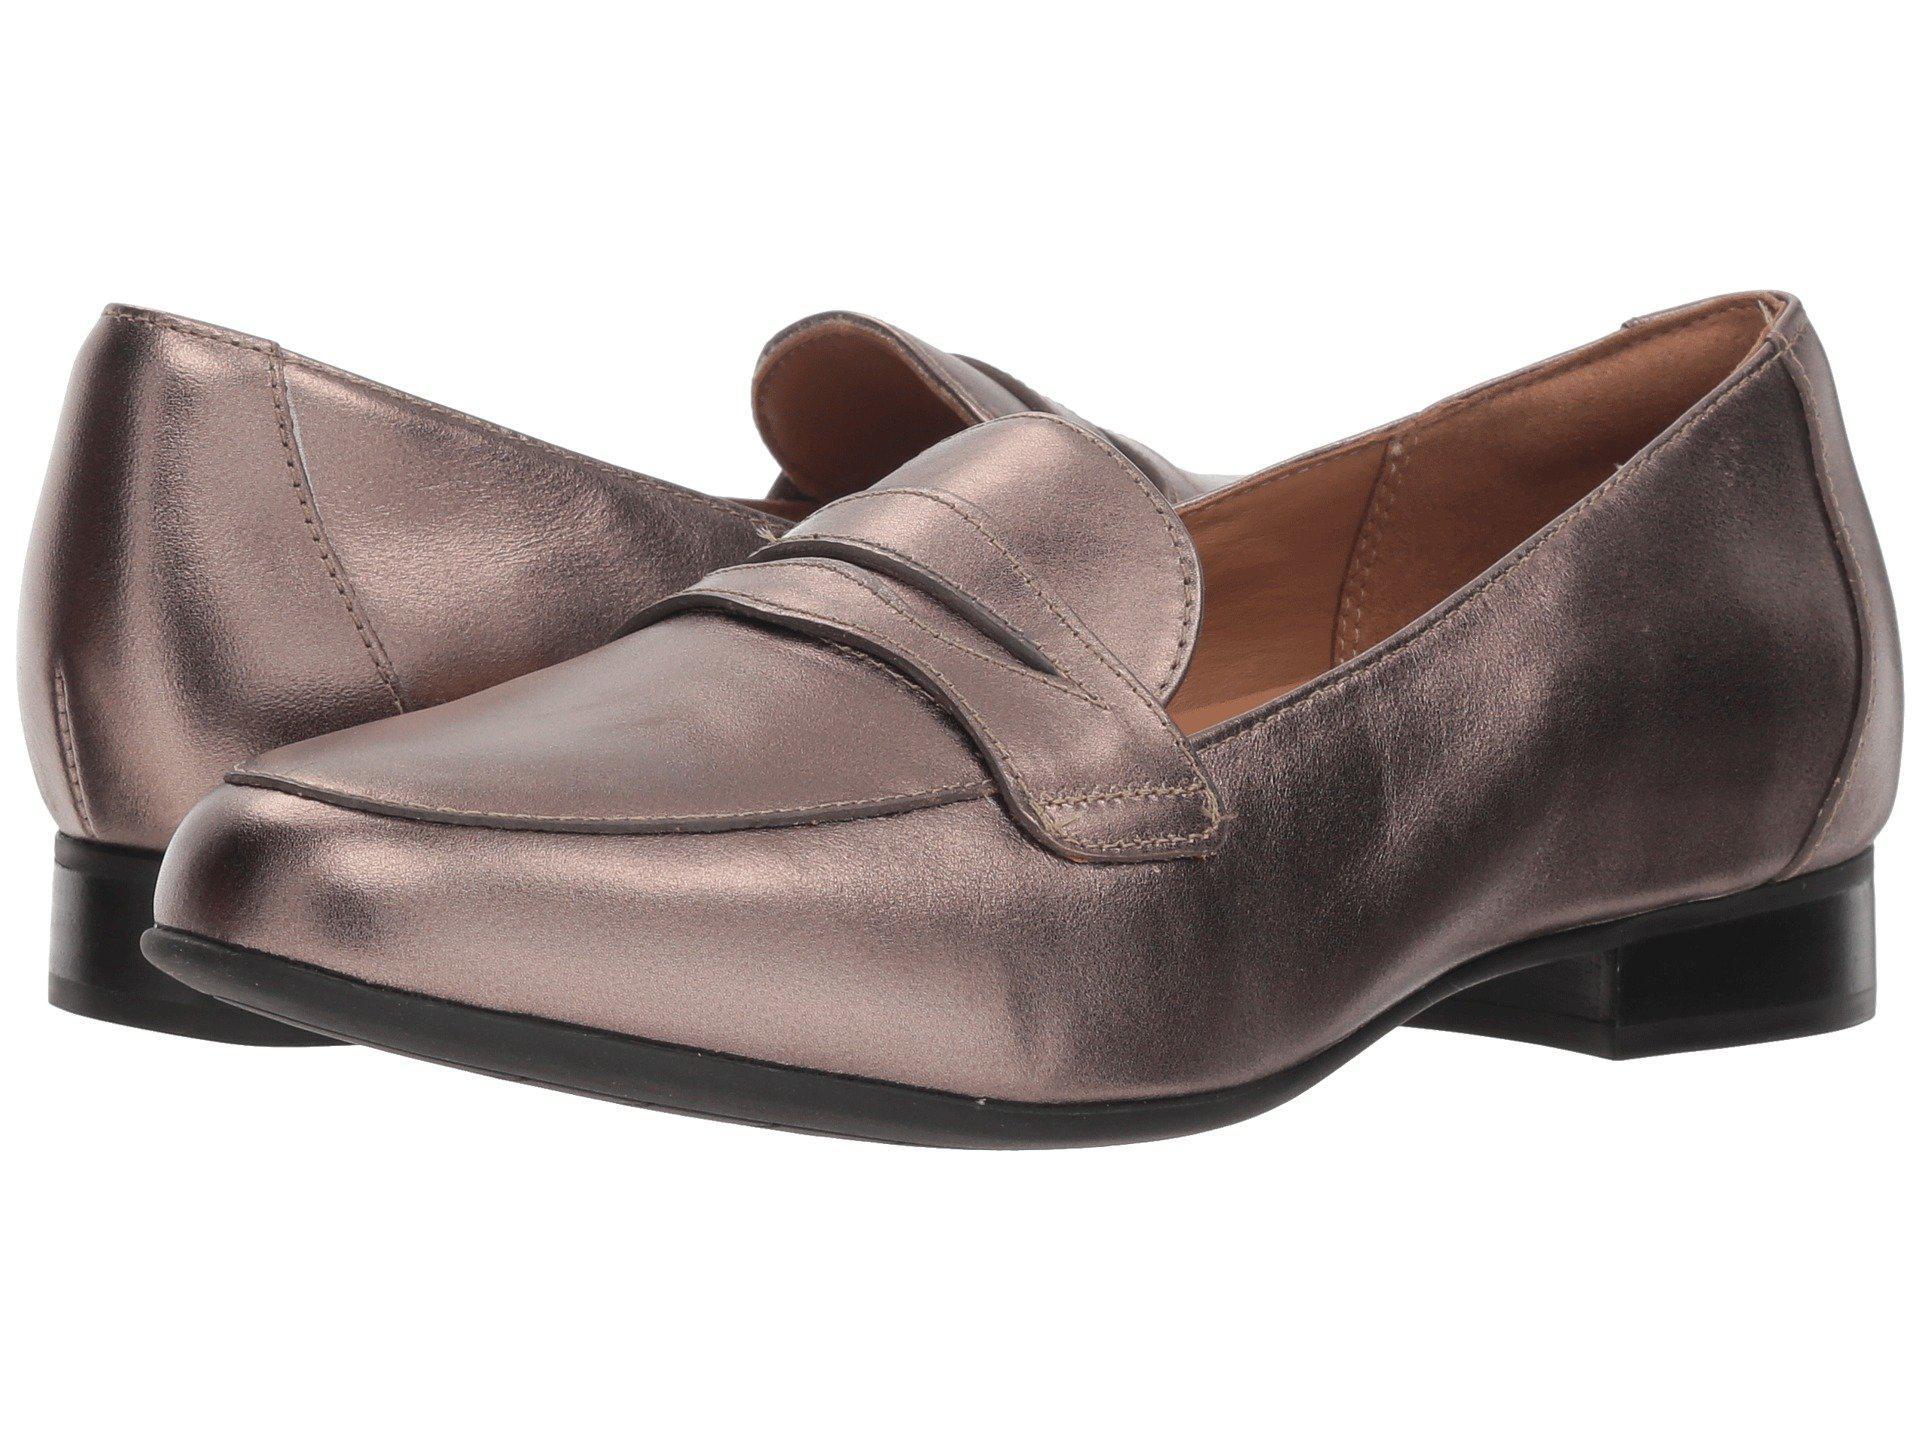 Lyst Donna Clarks Un Blush Go (aubergine Suede) Donna Lyst scarpe 31a091